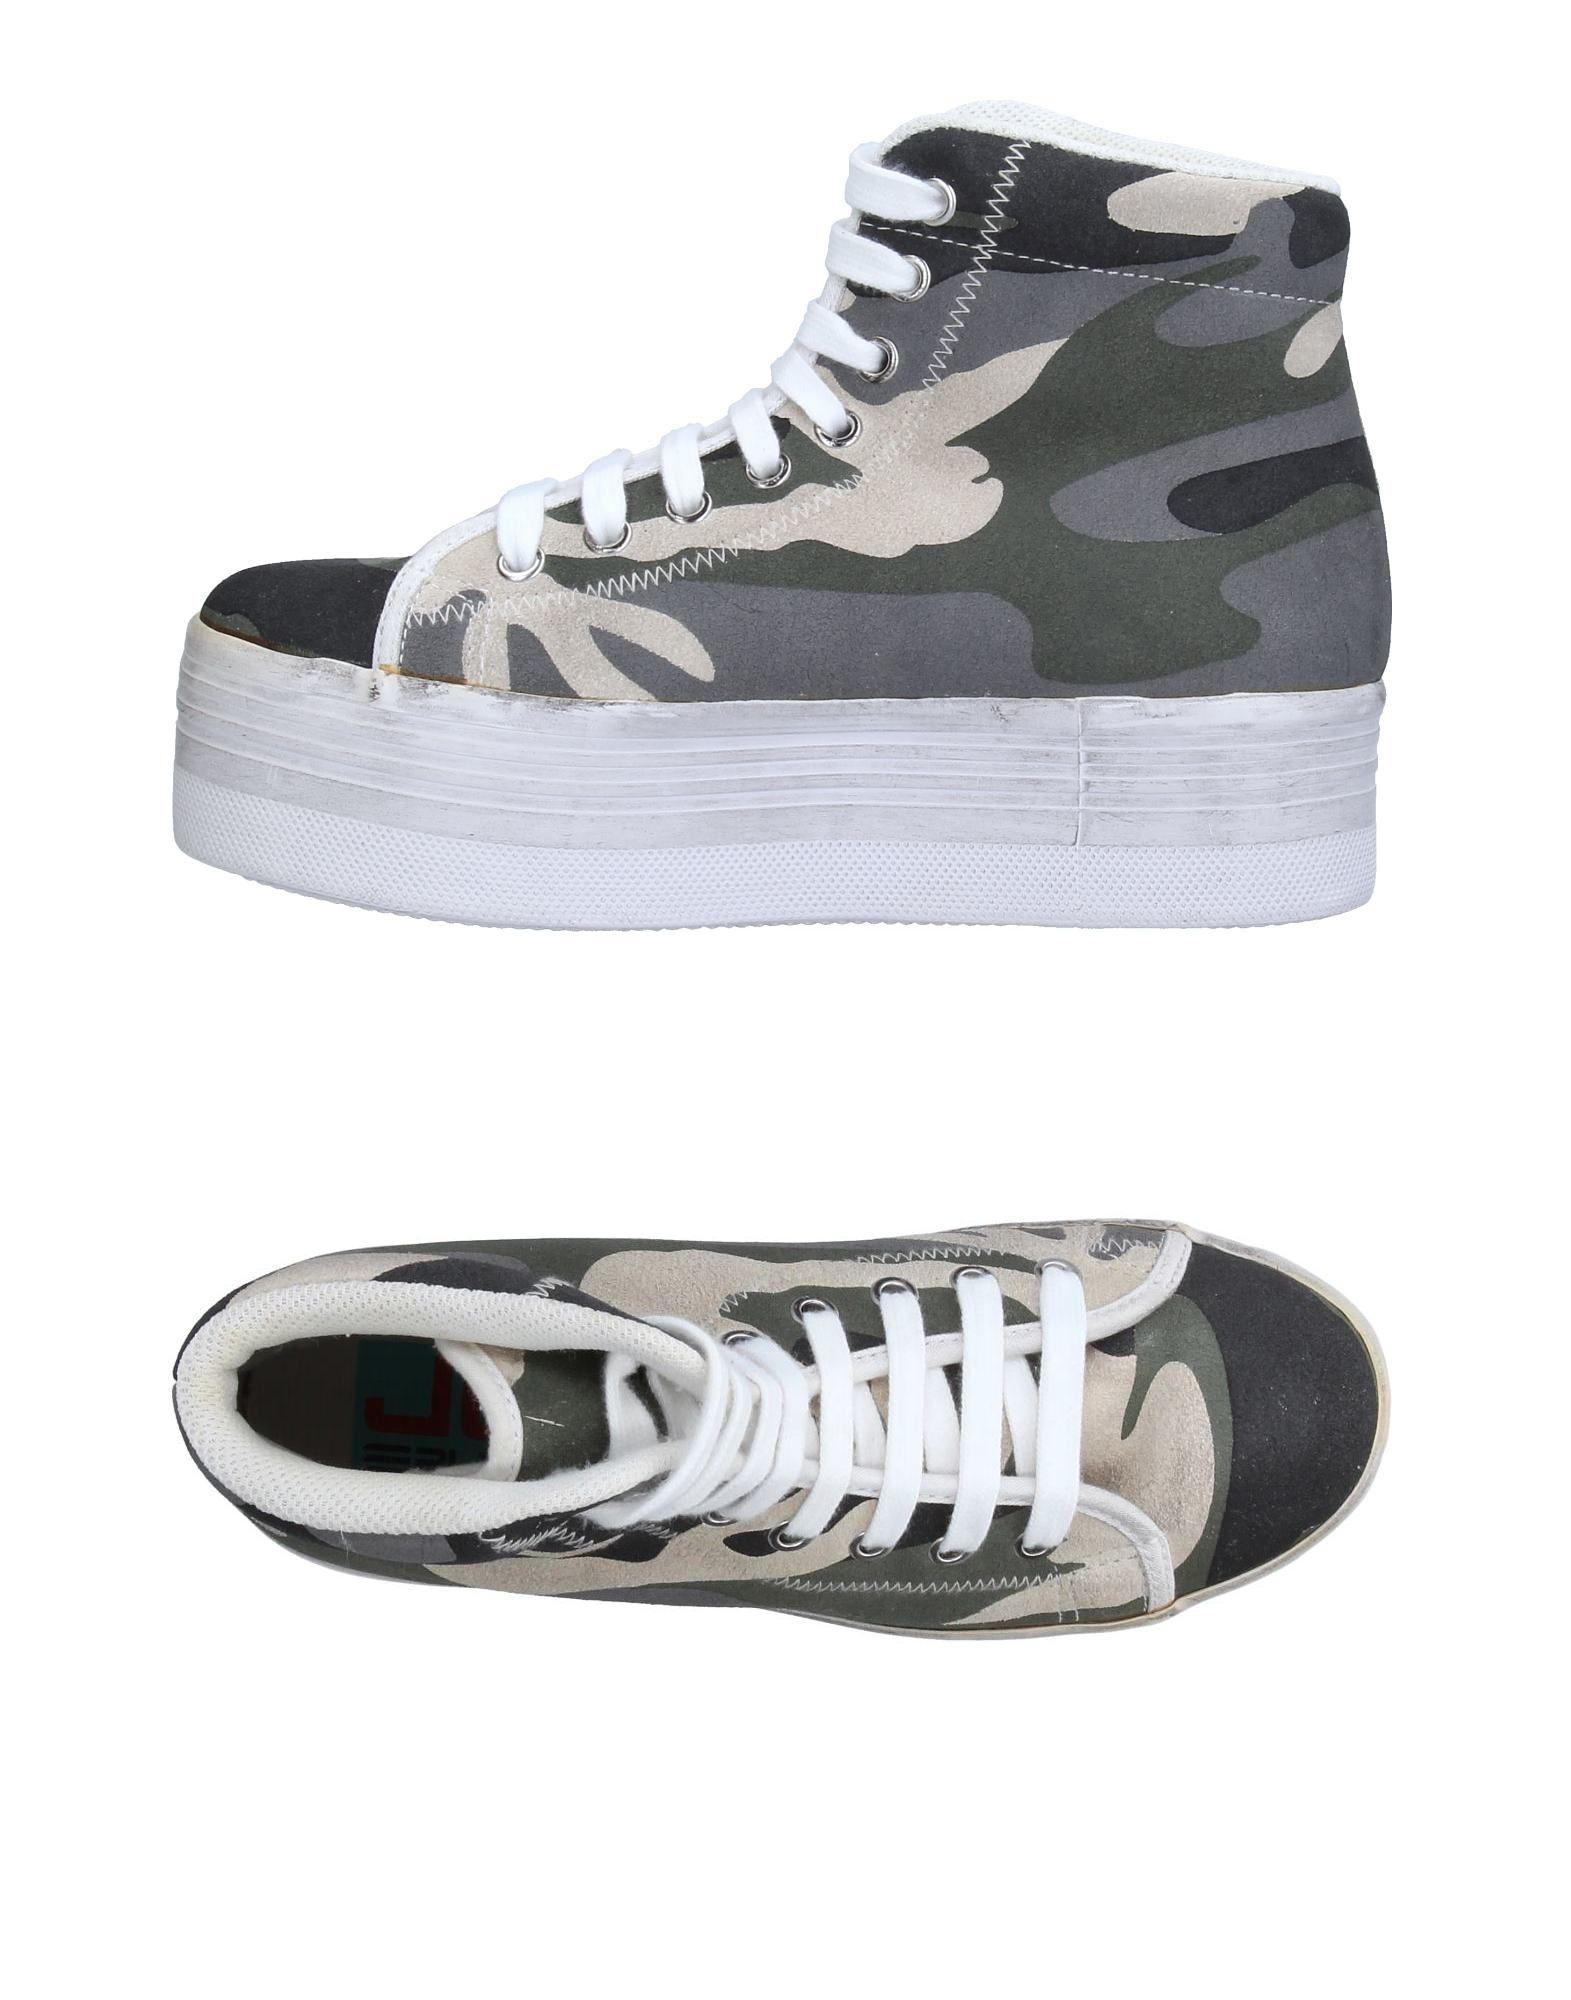 Jc Play By Jeffrey Campbell Sneakers Damen  11241919WA Gute Qualität beliebte Schuhe